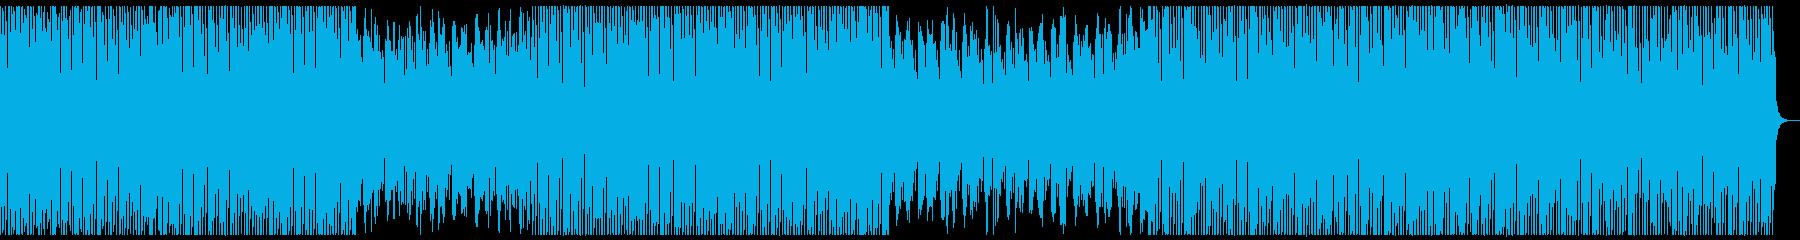 オシャ4つ打ち、スタイリッシュ雰囲気系8の再生済みの波形